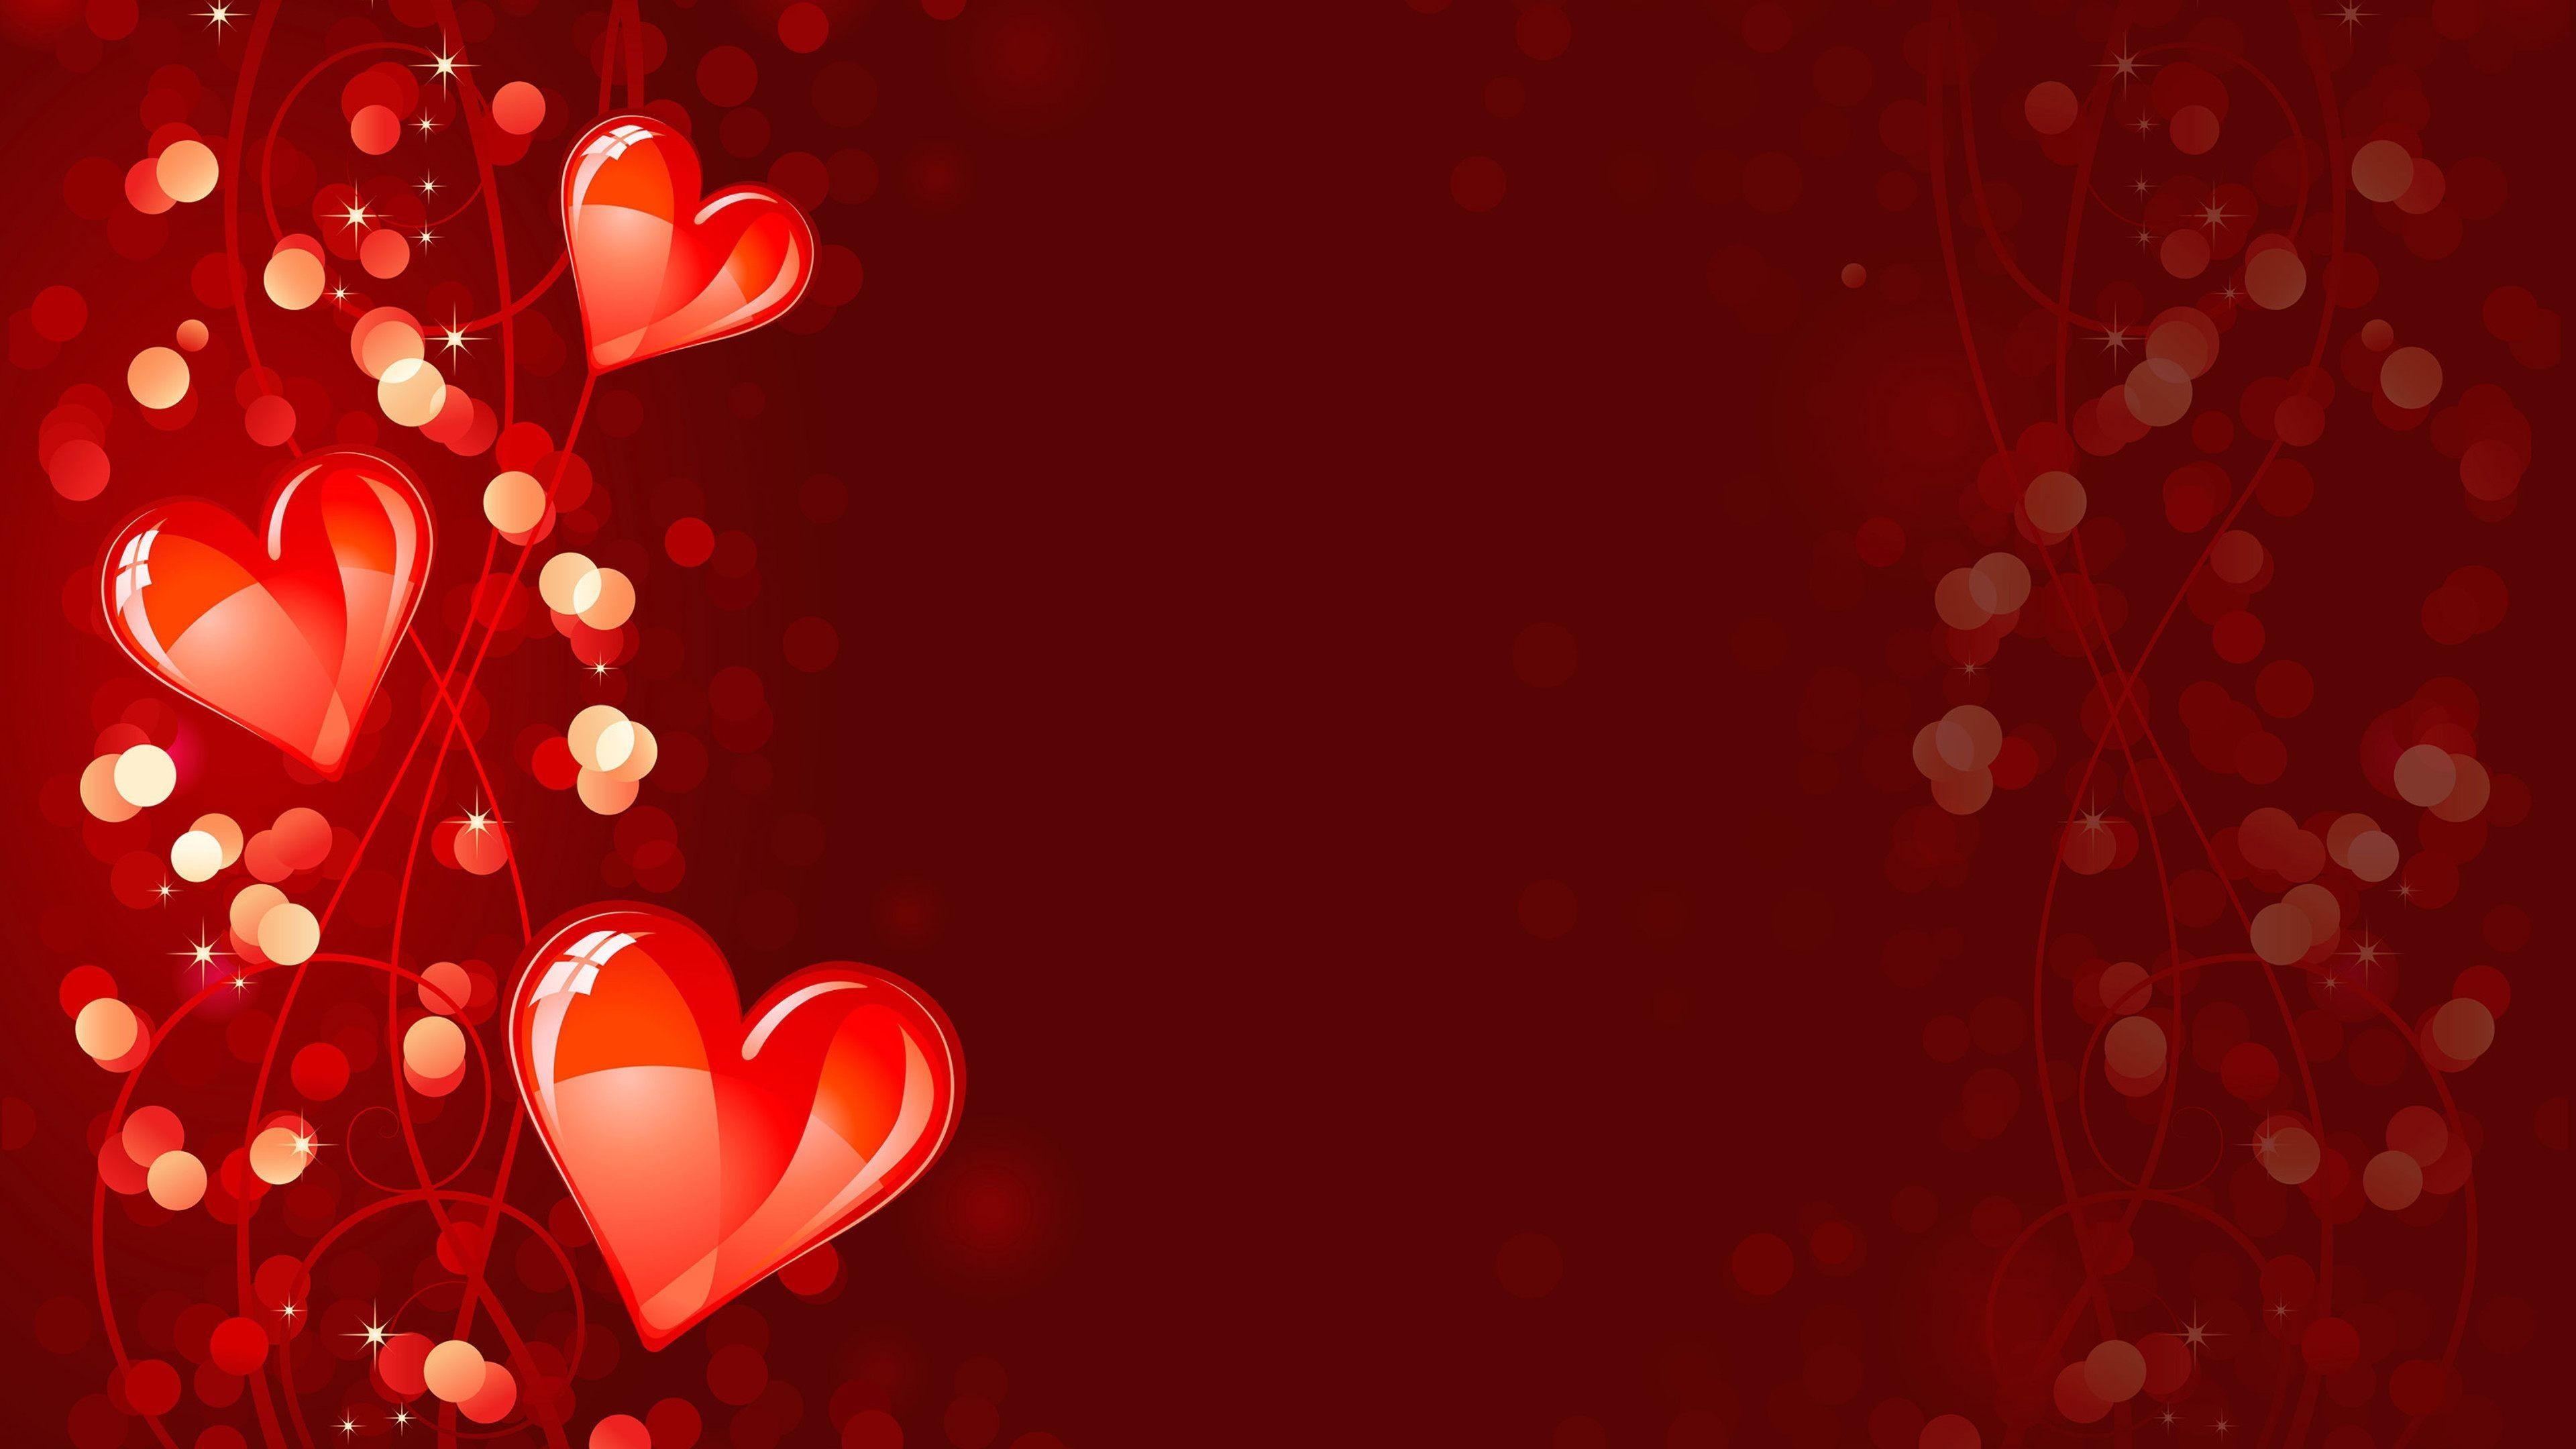 Red Heart Art Water Splash Love Wallpaper – HD Wallpapers & 4K .